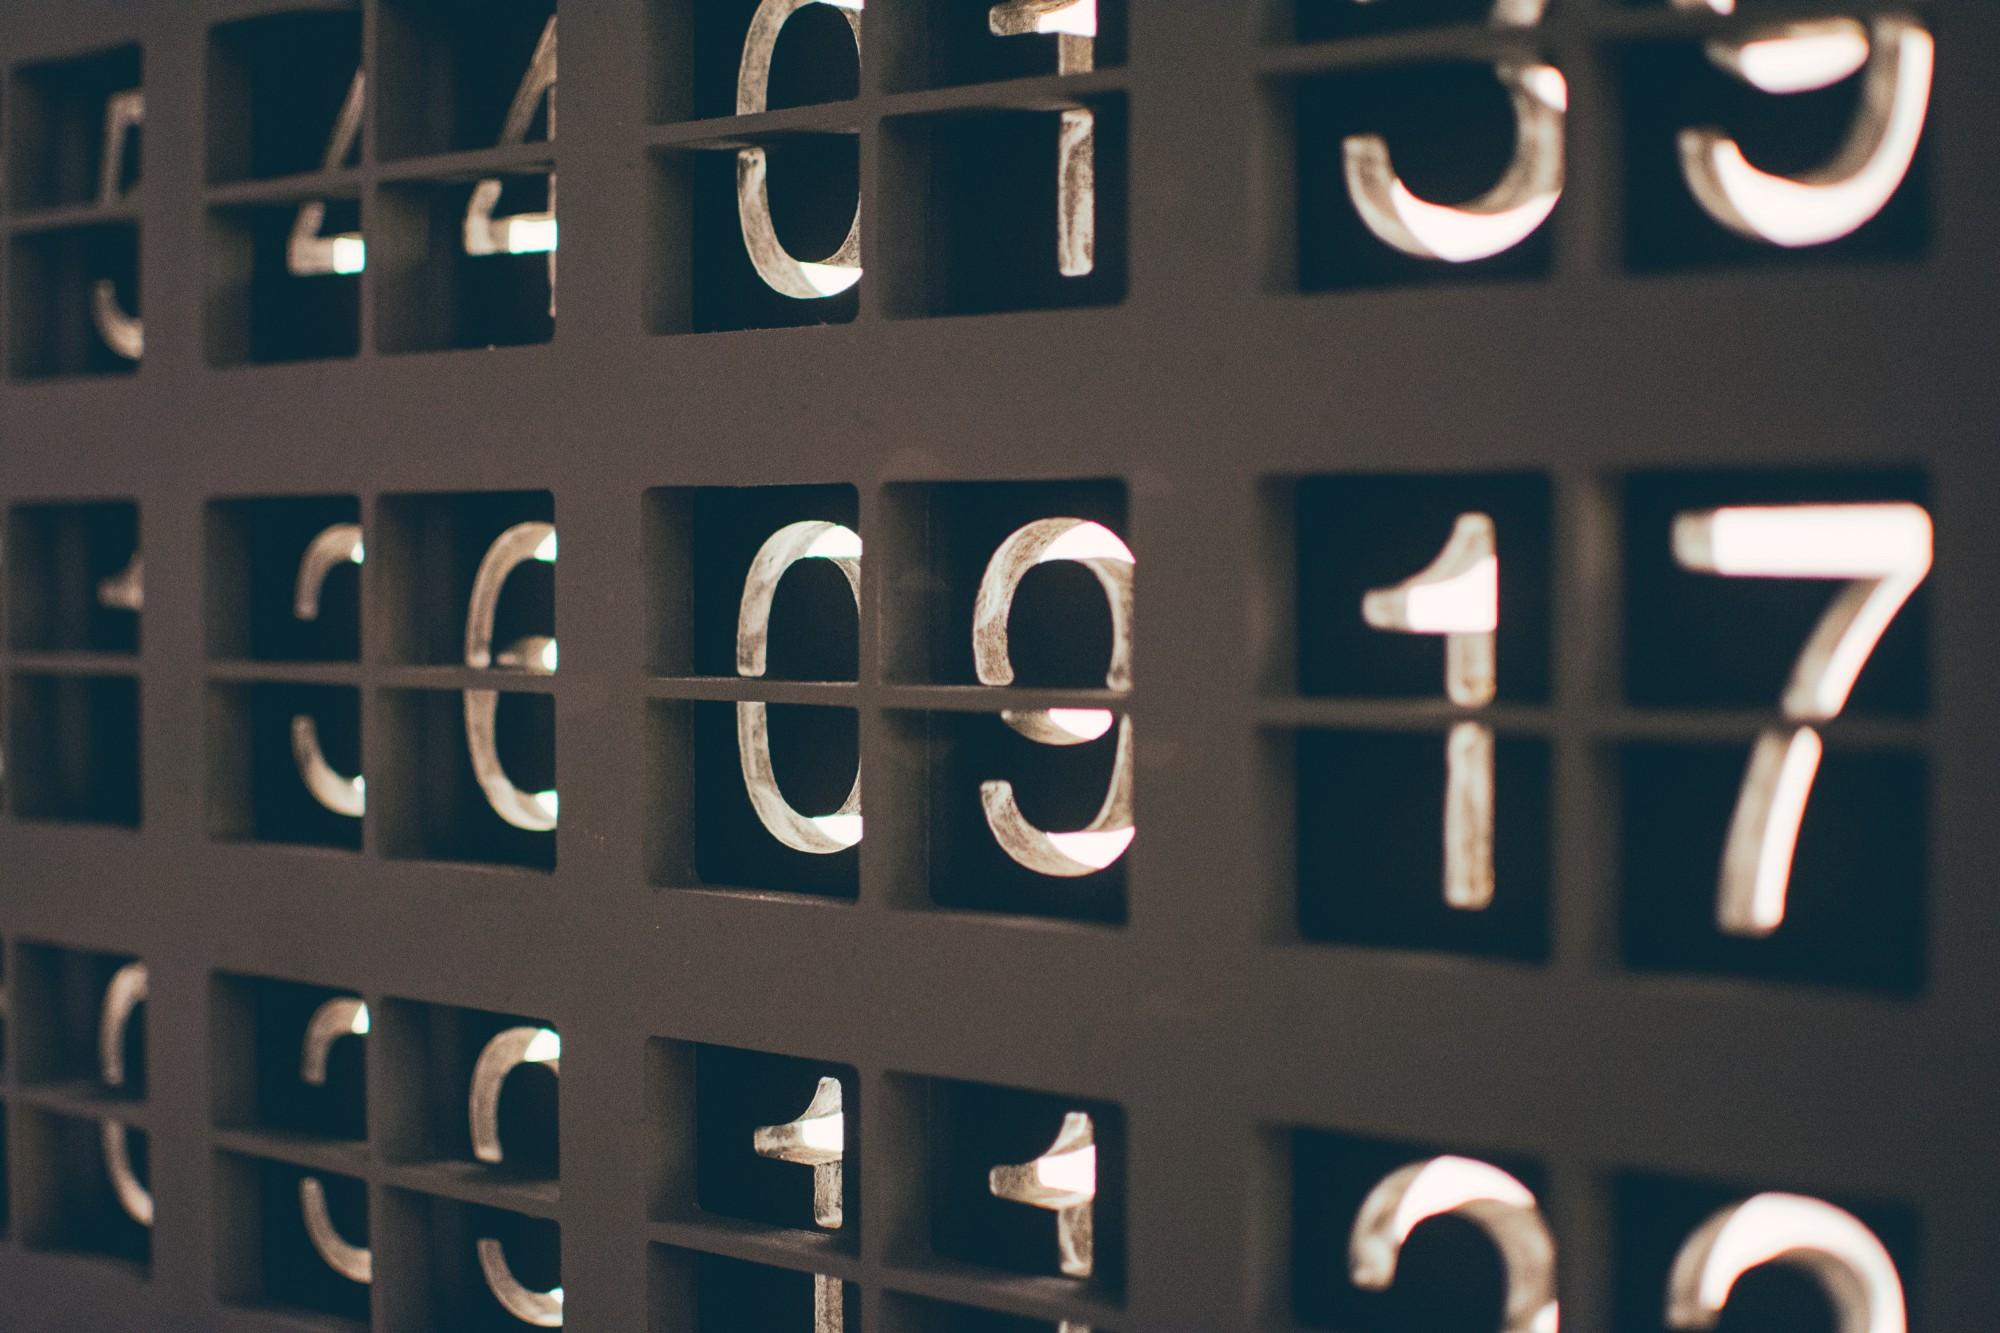 قوقل تطلق خدمة Cloud Scheduler لتنظيم المهام عبر الجدولة الزمنية